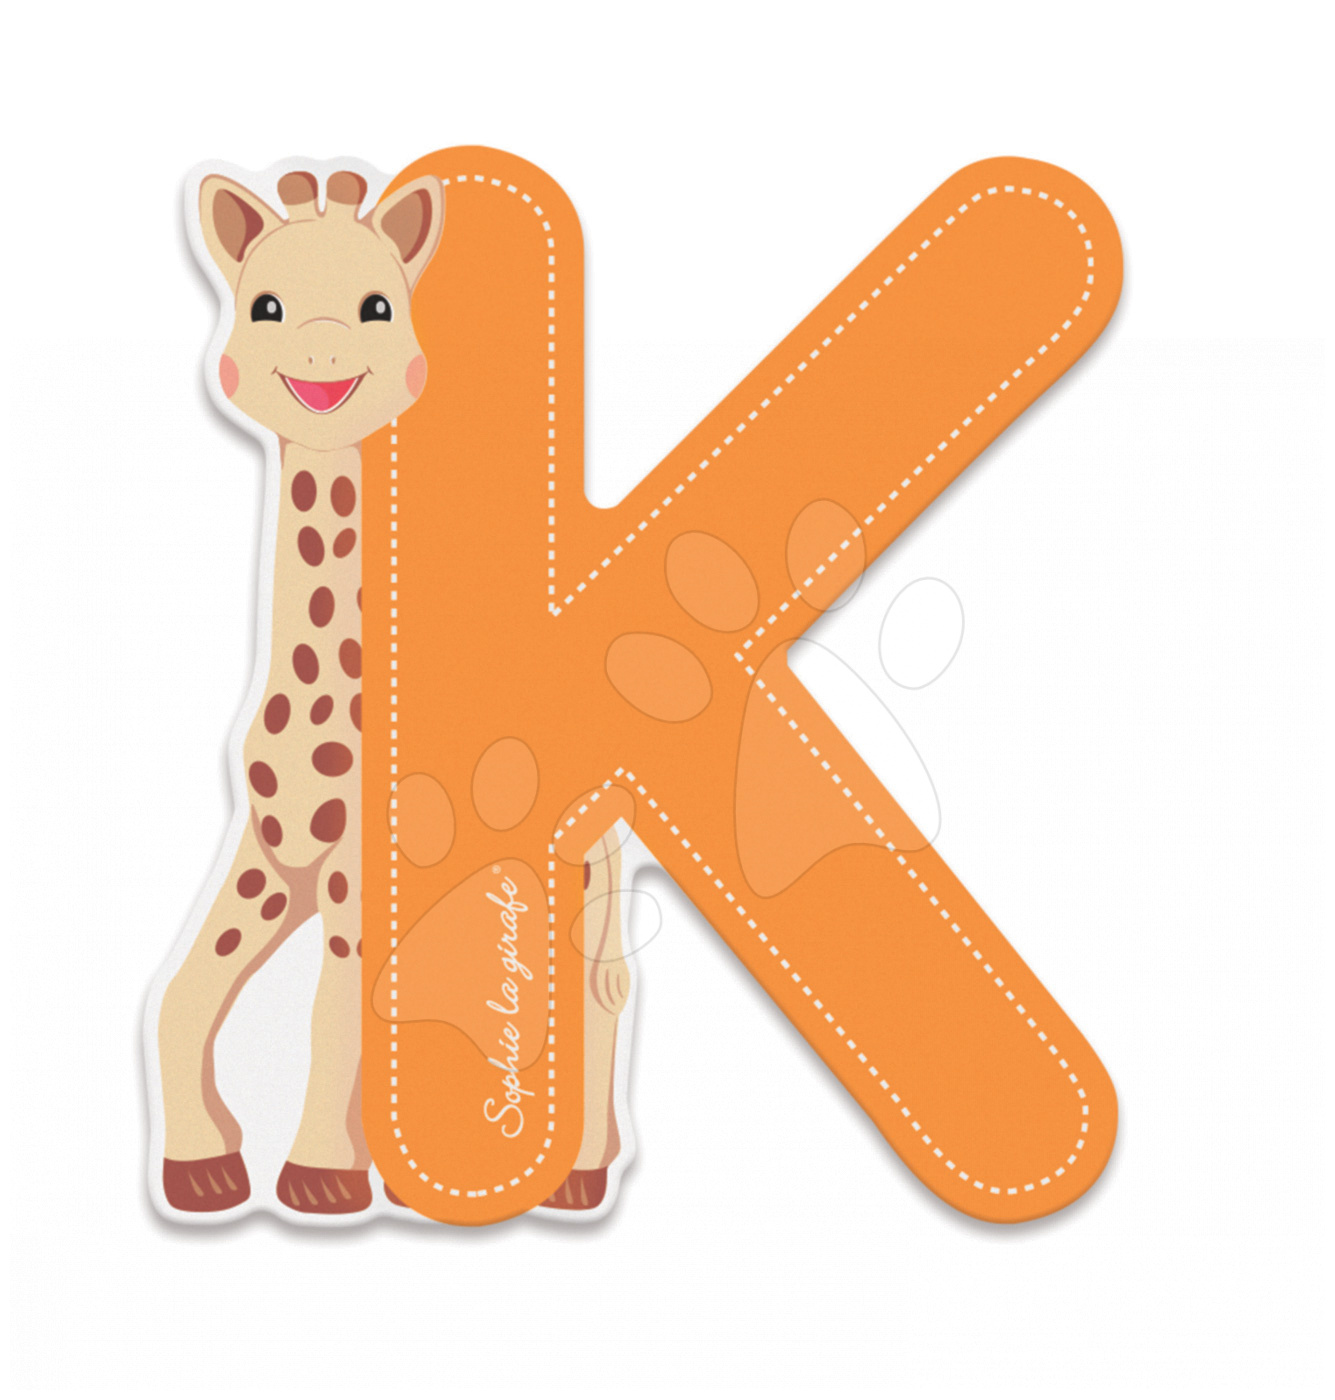 Dekorácie do detských izieb - Drevené písmeno K Sophie The Giraffe Janod lepiace 7 cm oranžové